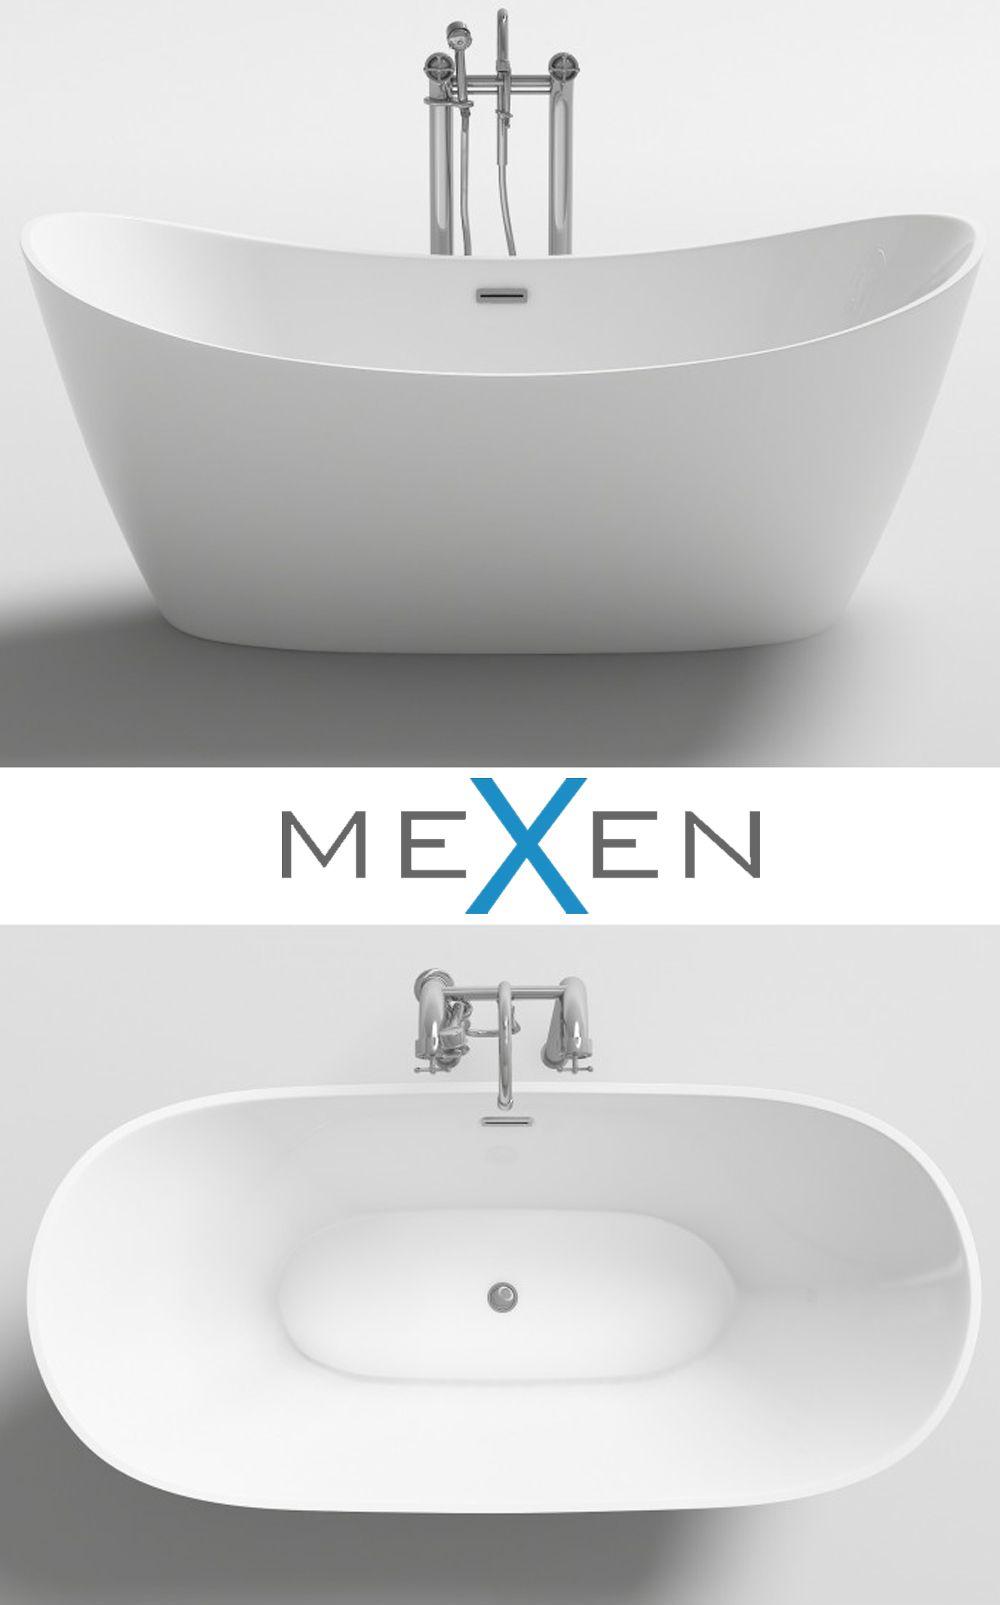 Idealna Do Kazdej Stylowej Lazienki Mexen Montana Wanna Wolnostojaca Biala Bathtub Bathroom